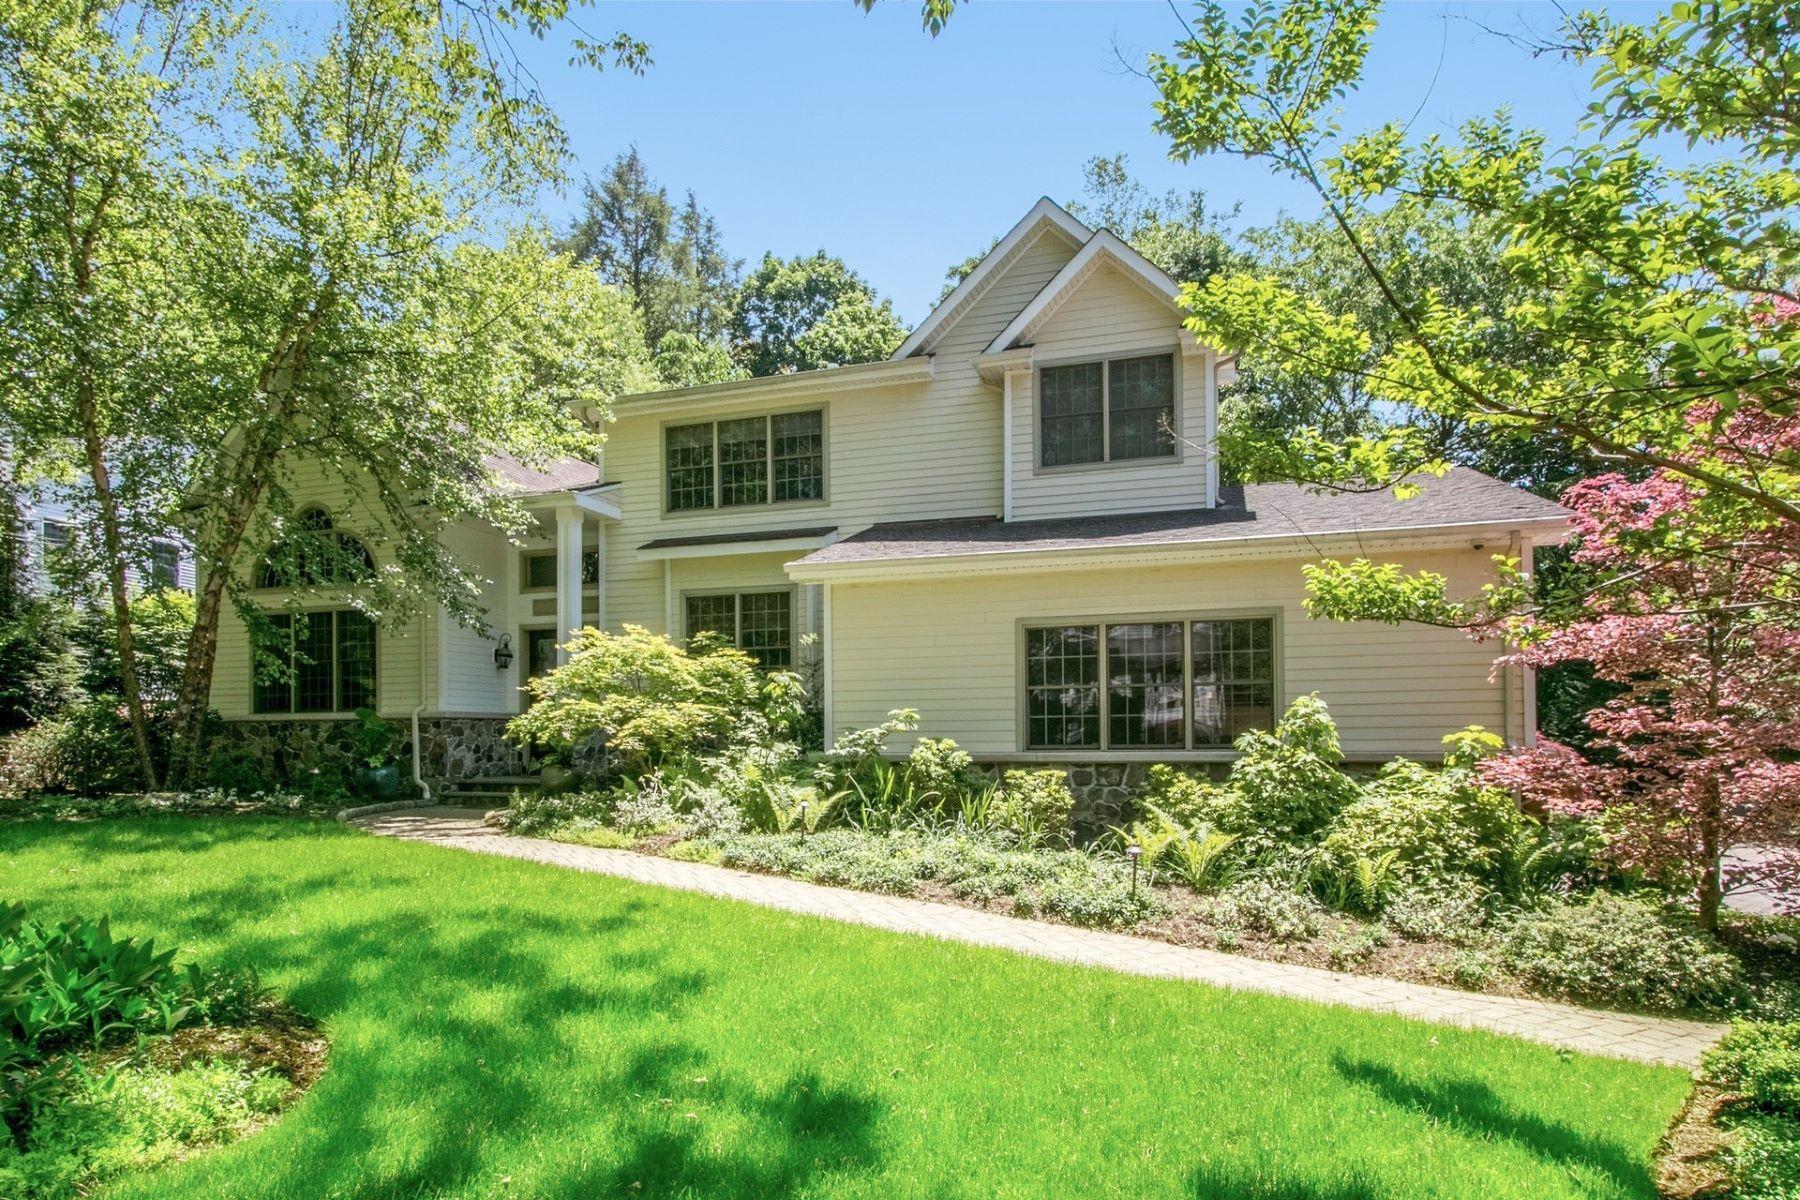 single family homes для того Продажа на Beautiful Colonial 87 Northwood Ave, Demarest, Нью-Джерси 07627 Соединенные Штаты